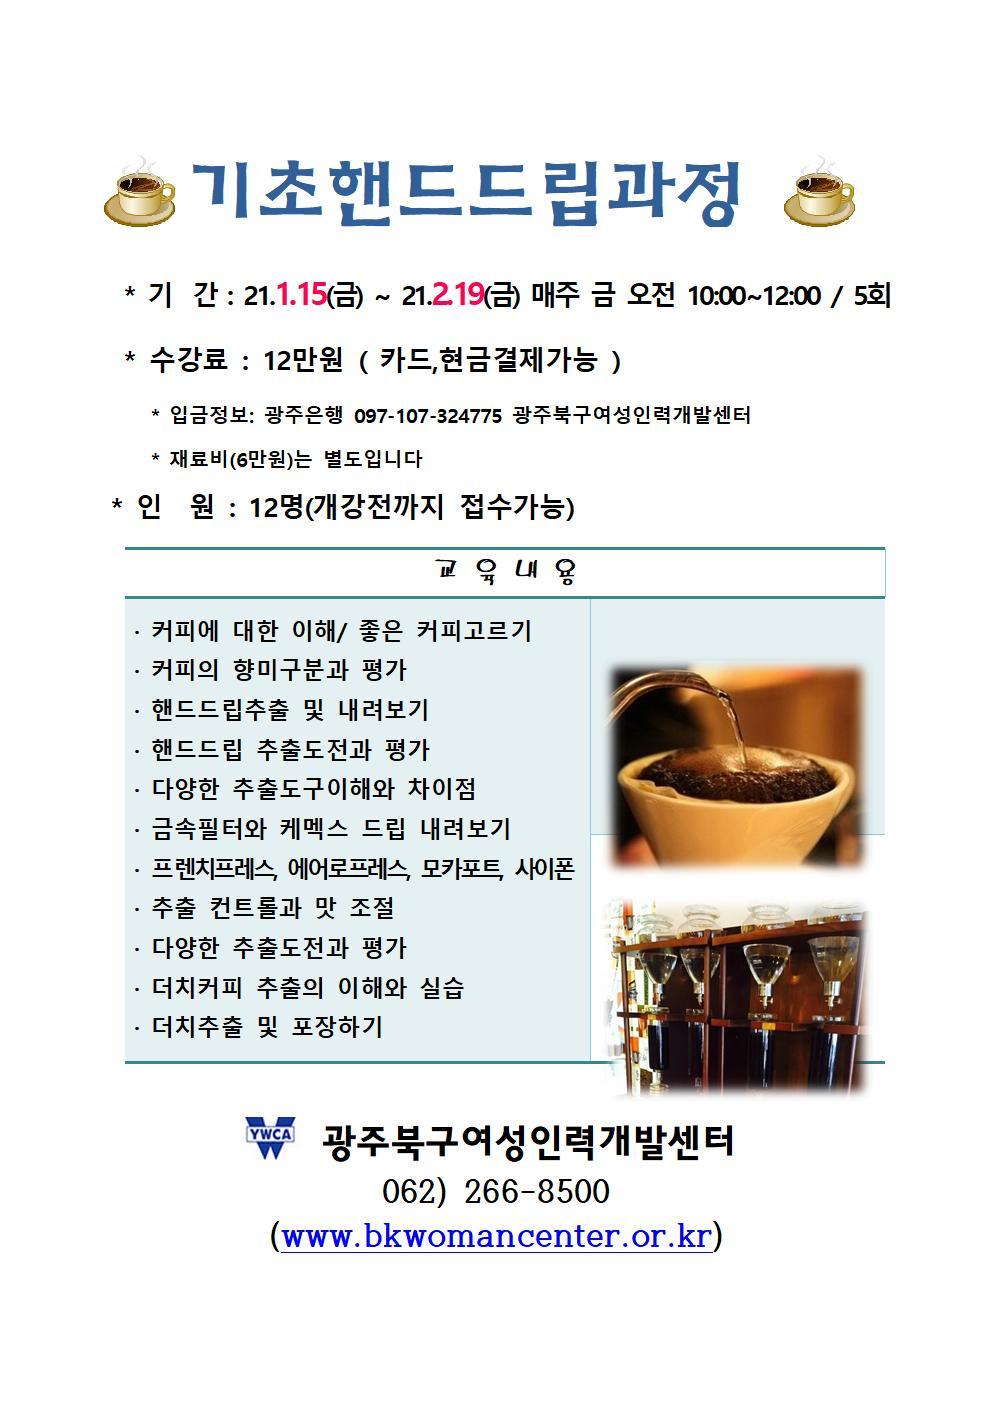 기초 핸드드립과정(21